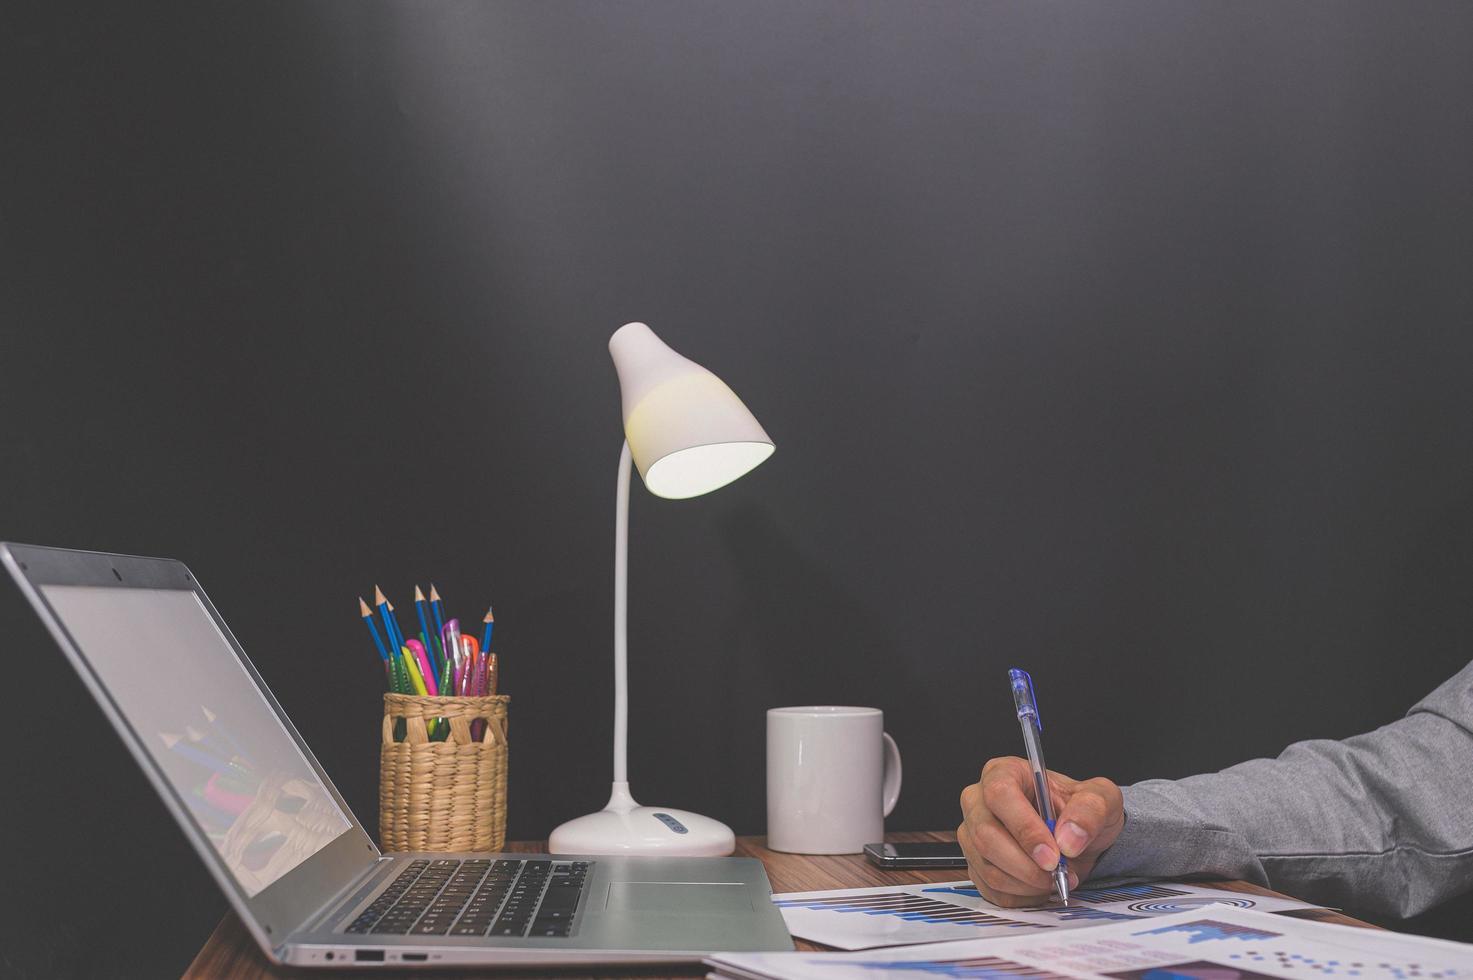 la gente de negocios se sienta en el trabajo y revisa los documentos en el escritorio de la habitación foto